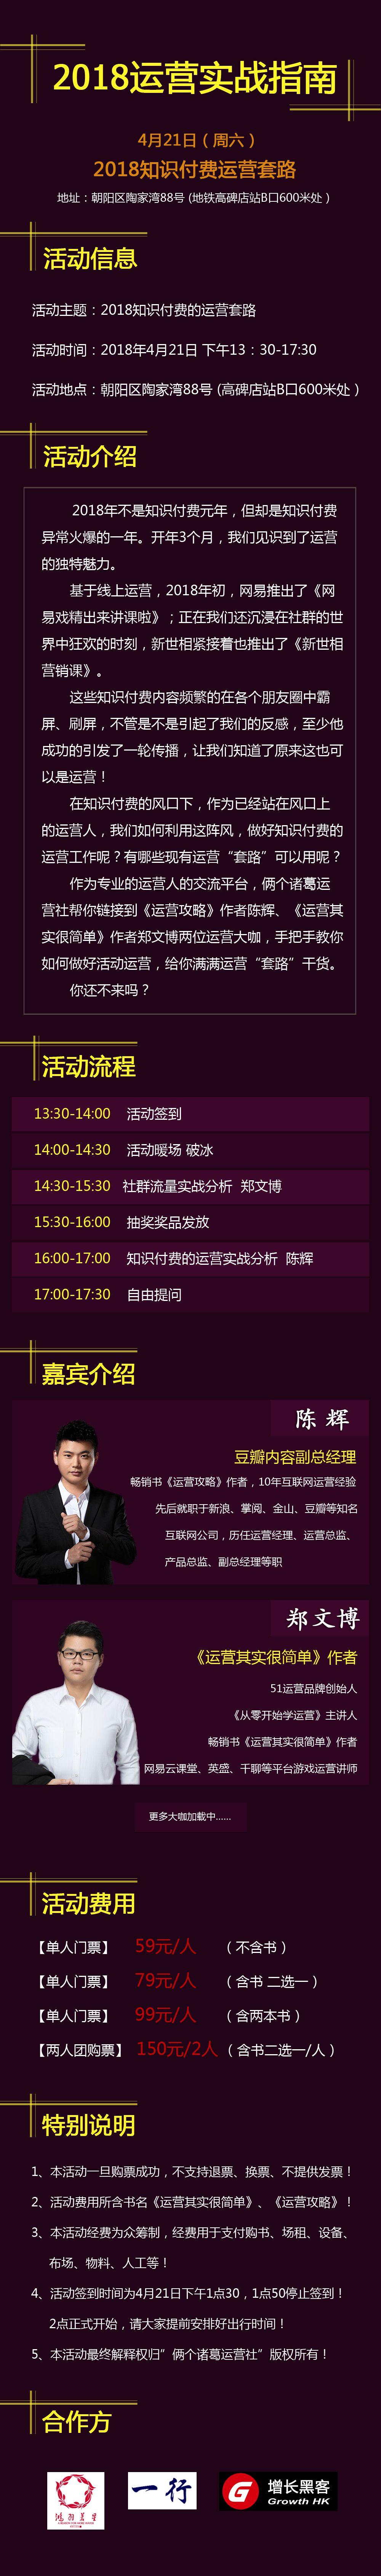 《活动丨2018运营实战指南:知识付费的运营套路(北京)》